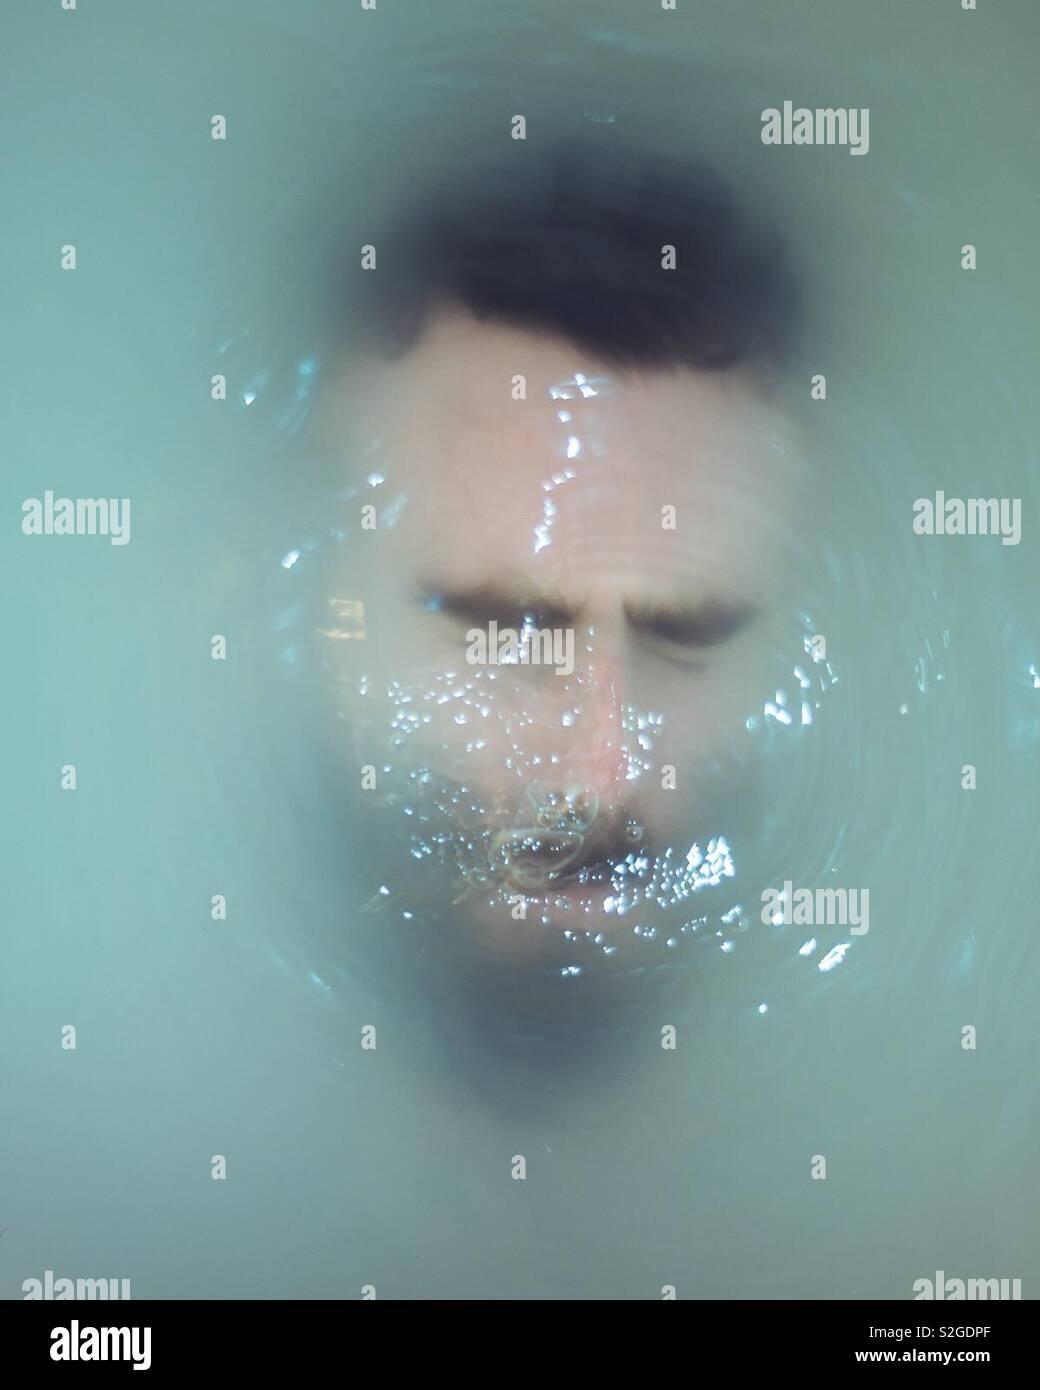 Guy avec barbe et les yeux fermés est submergée par l'eau de couleur laiteuse. Banque D'Images